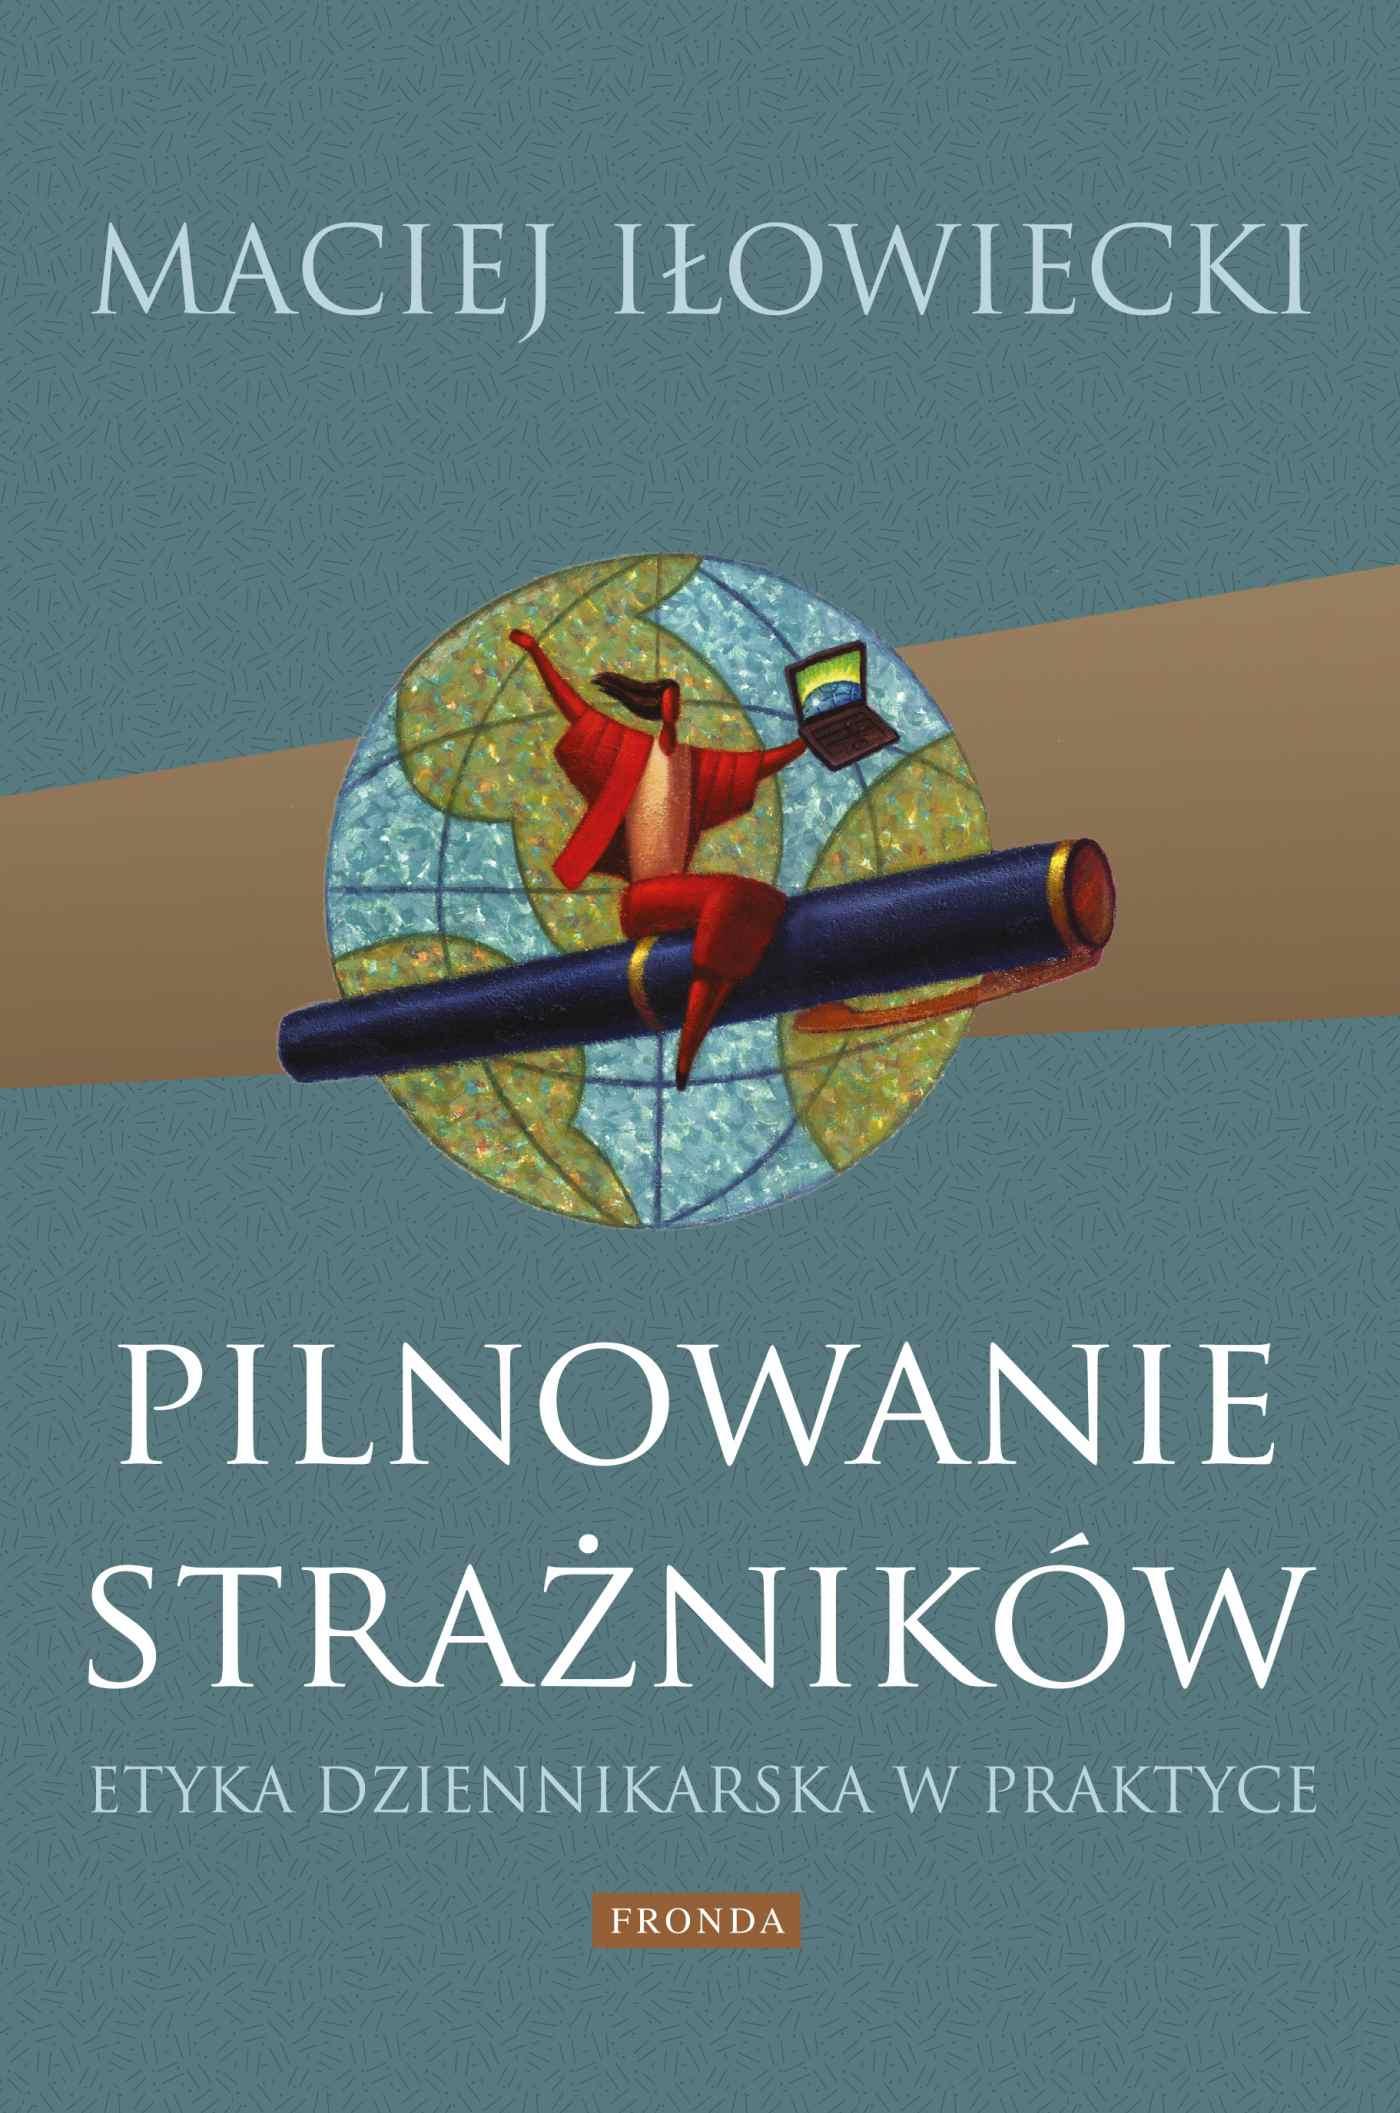 Pilnowanie strażników. Etyka dziennikarska w praktyce - Ebook (Książka PDF) do pobrania w formacie PDF